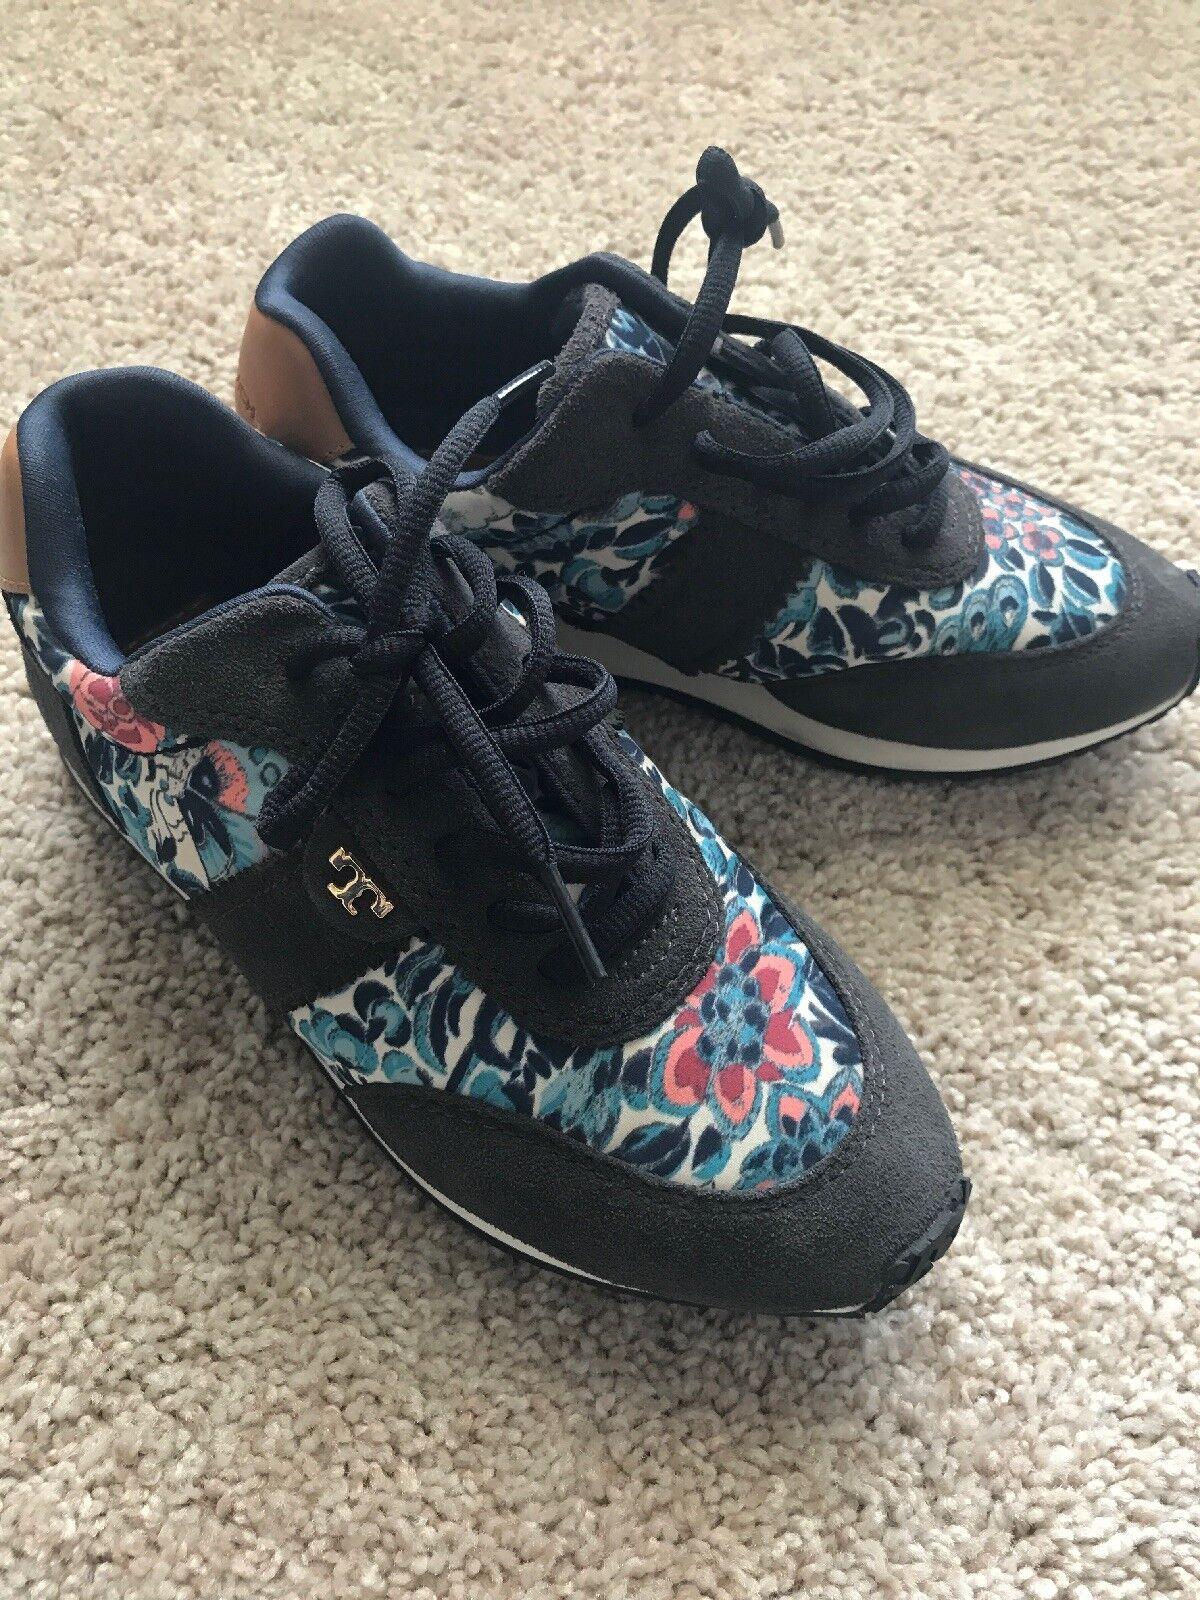 Auténtico Tory Burch Floral Floral Floral Tenis Zapatos 6  punto de venta en línea